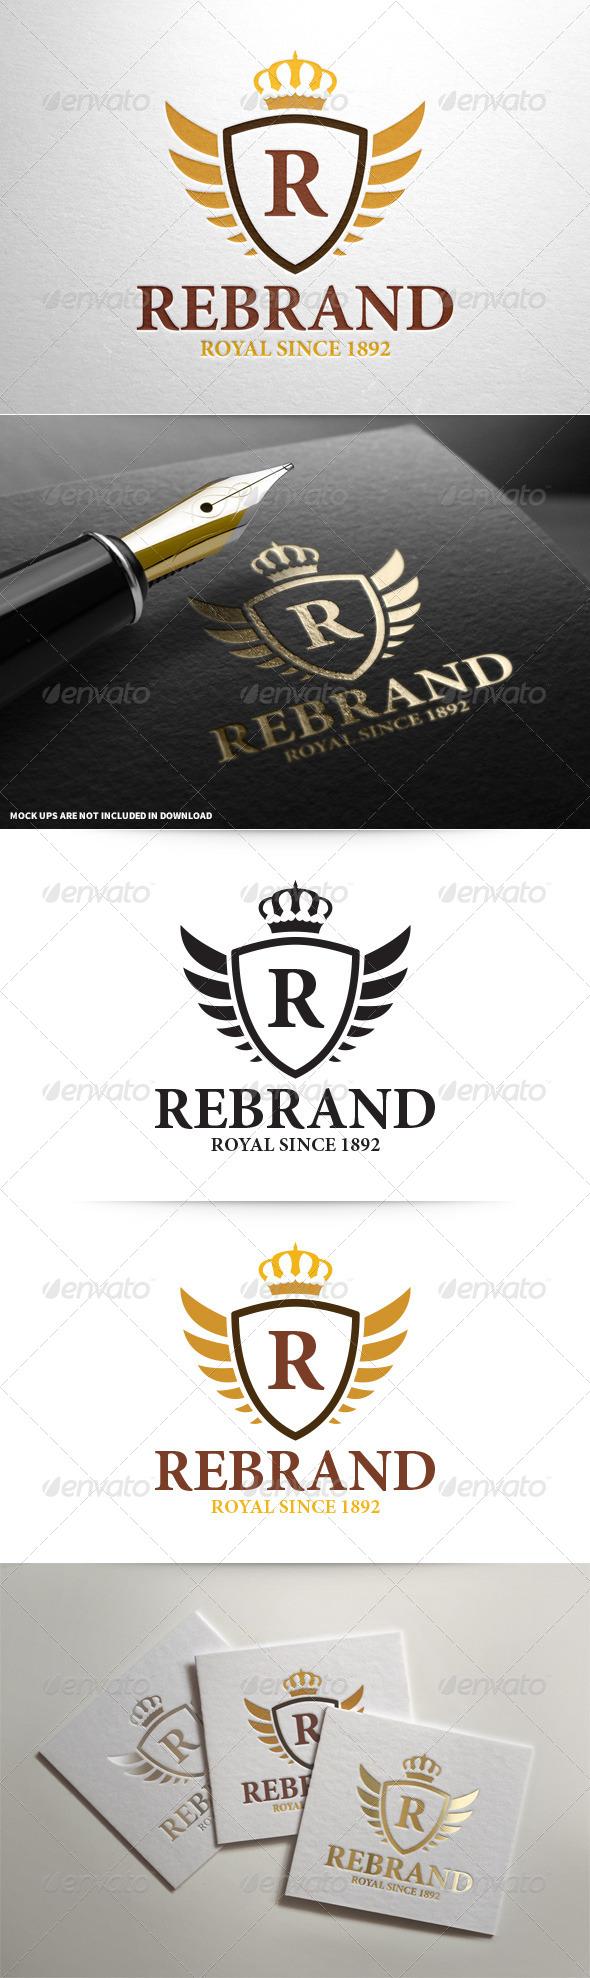 GraphicRiver ReBrand Royal Crest Letter Logo 8102592